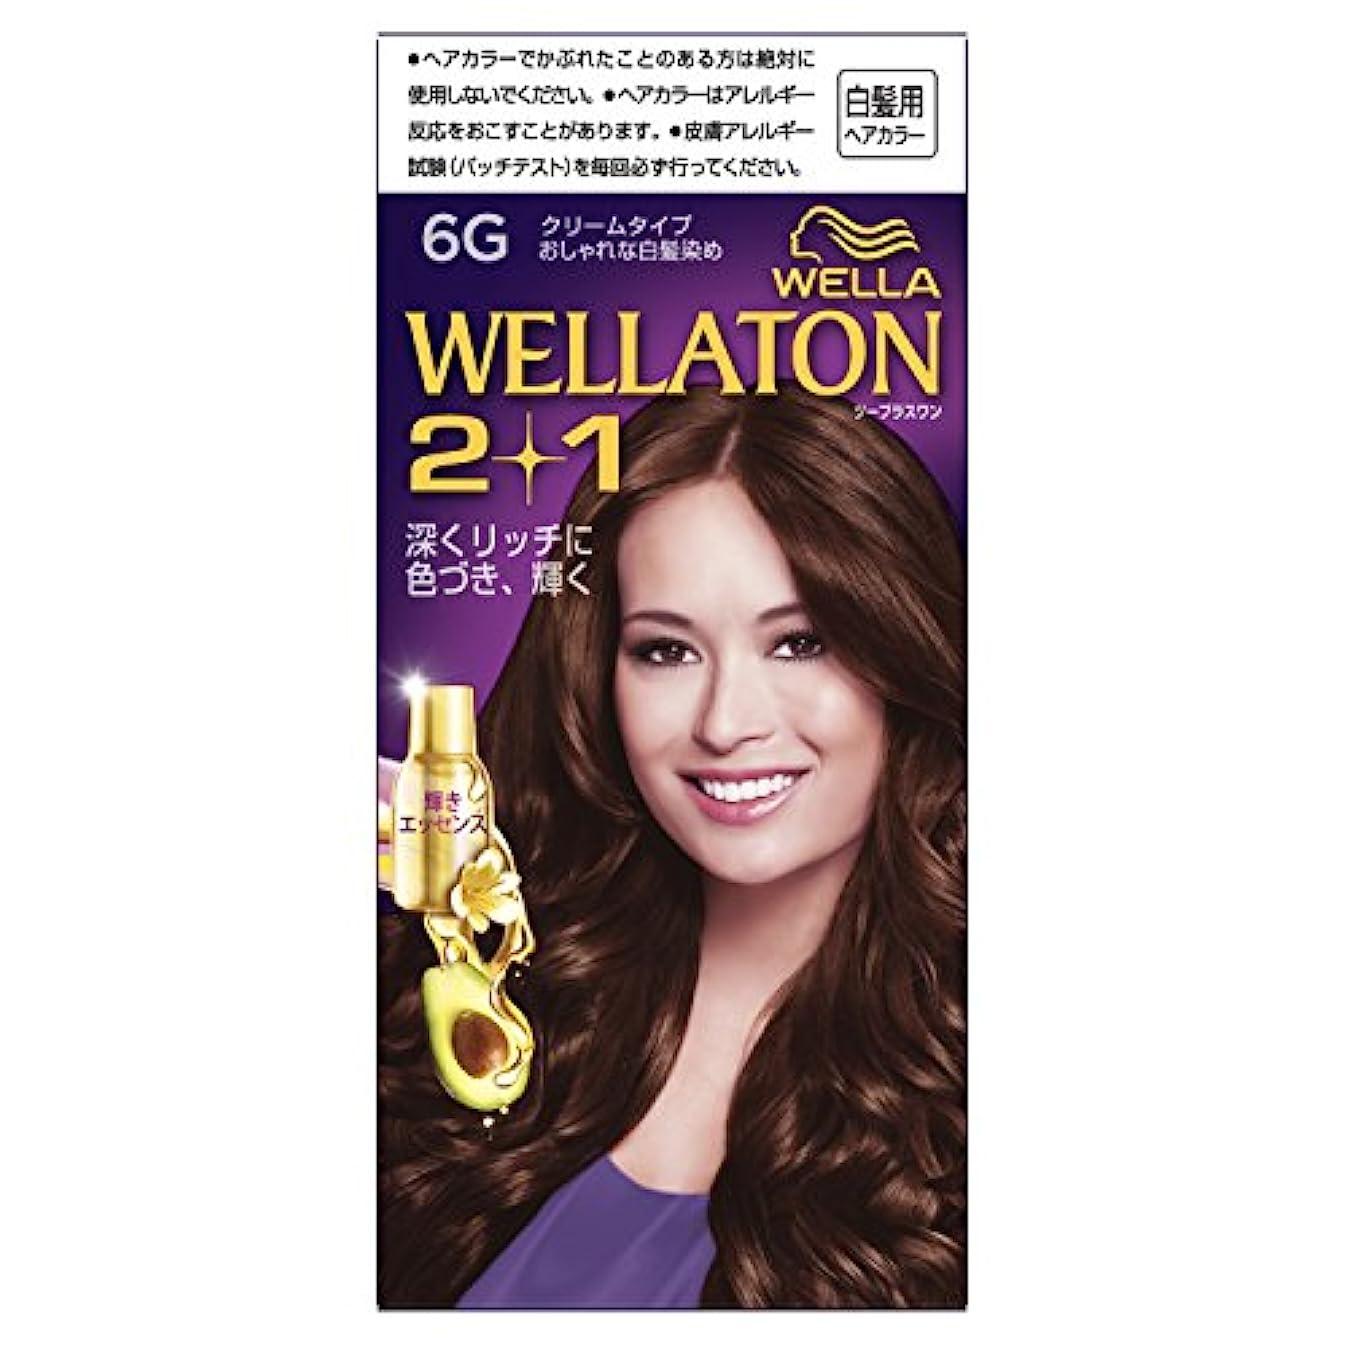 使用法エイズトンウエラトーン2+1 クリームタイプ 6G [医薬部外品](おしゃれな白髪染め)